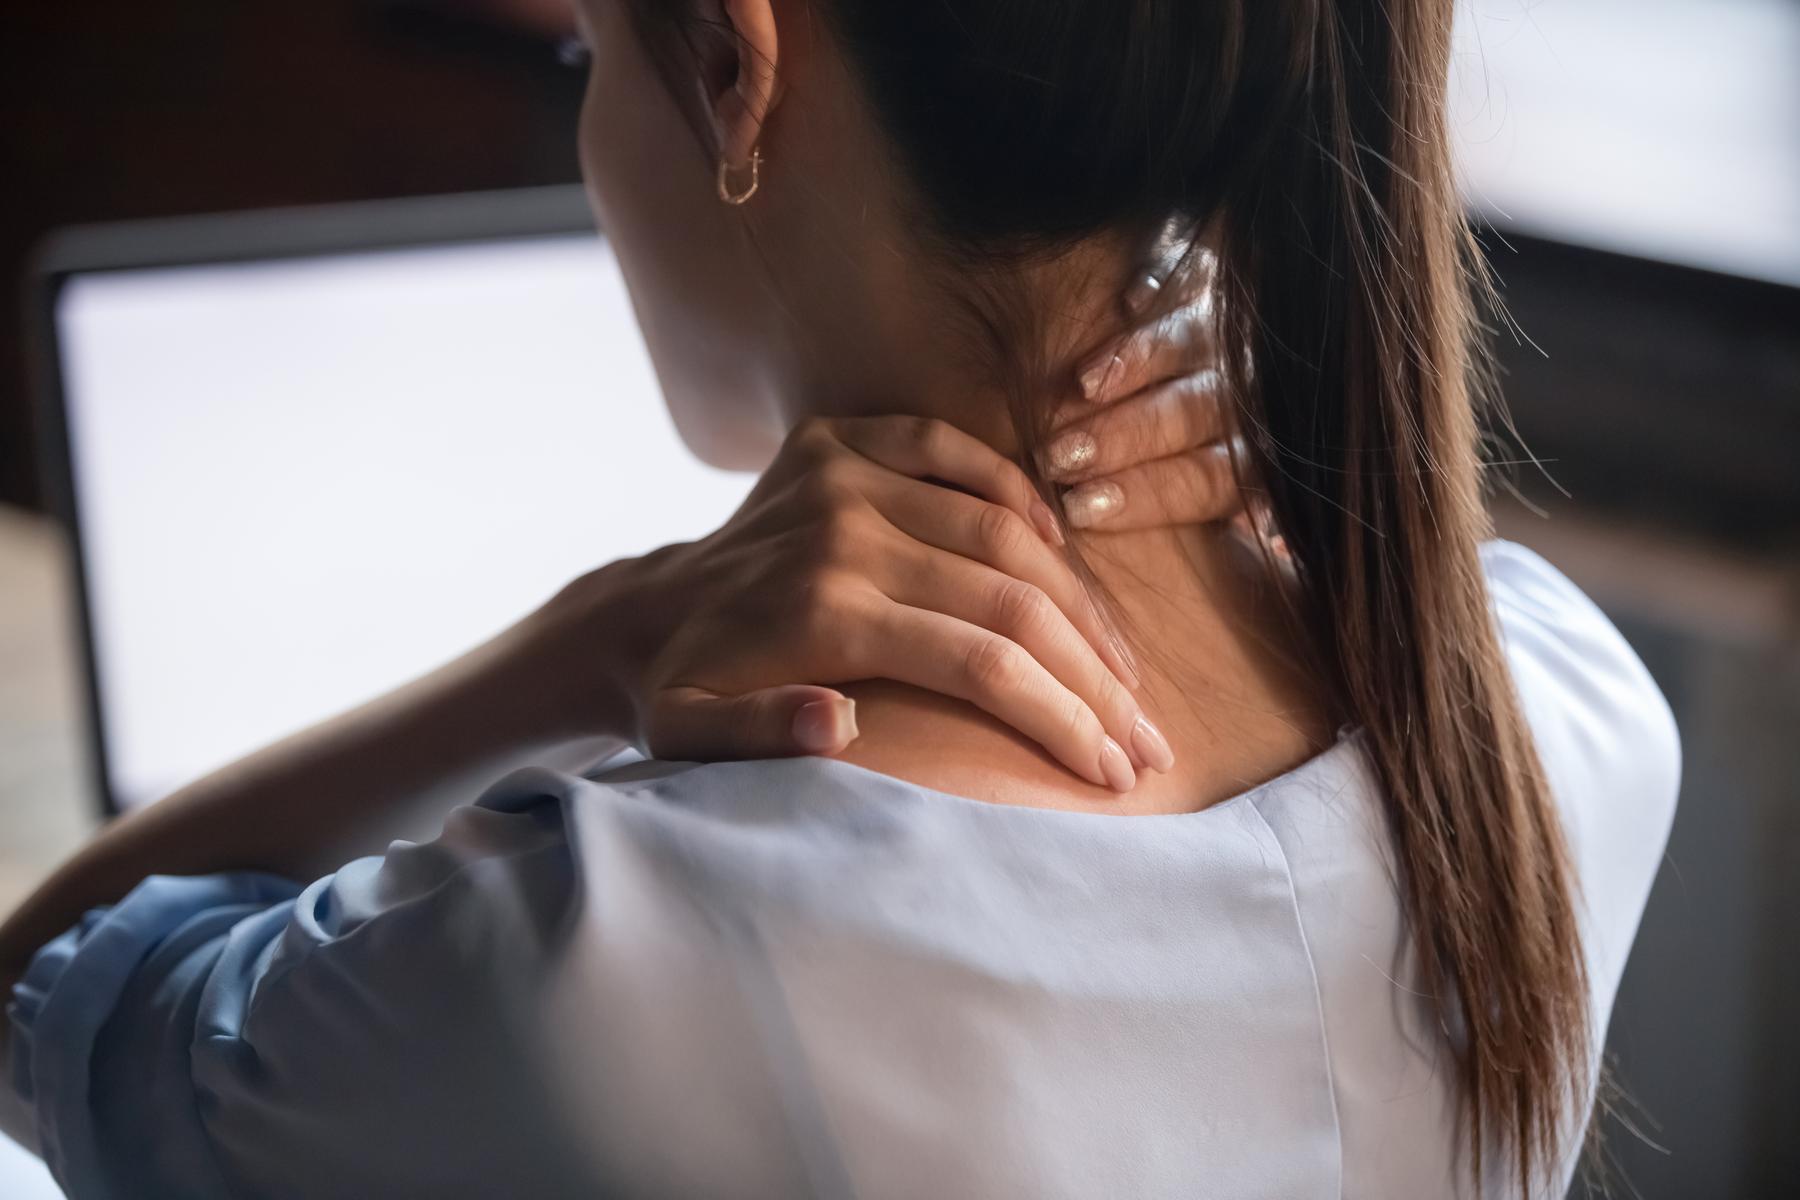 Štyri jednoduché cviky na zlepšenie postoja aúľavu od bolesti chrbta